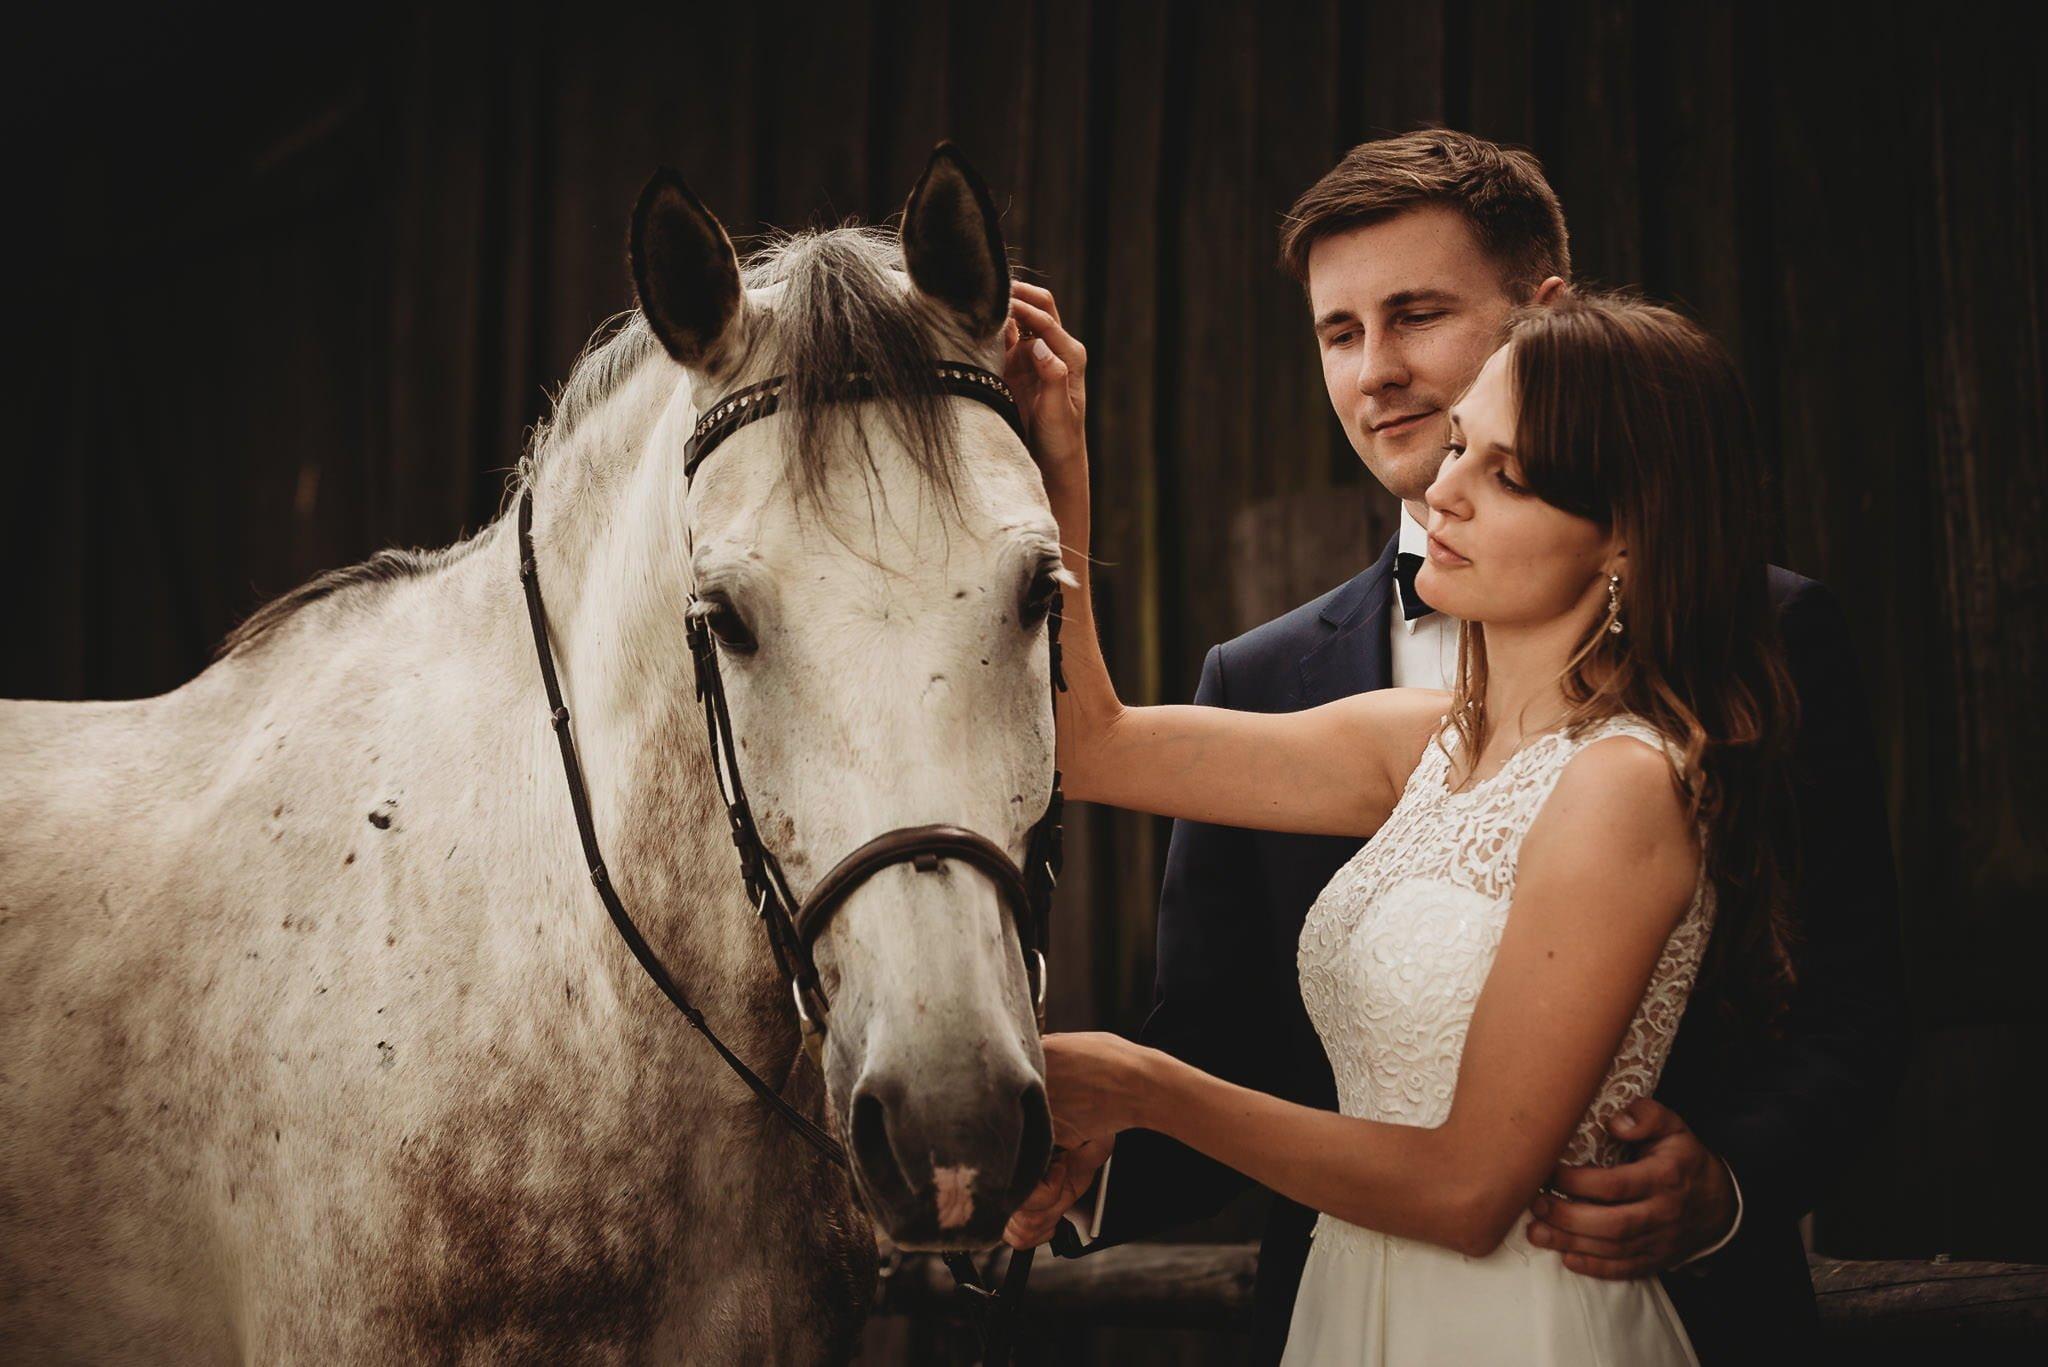 Monika i Michał, wesele w Paryżu i sesja plenerowa w stadninie koni w Czołowie 366